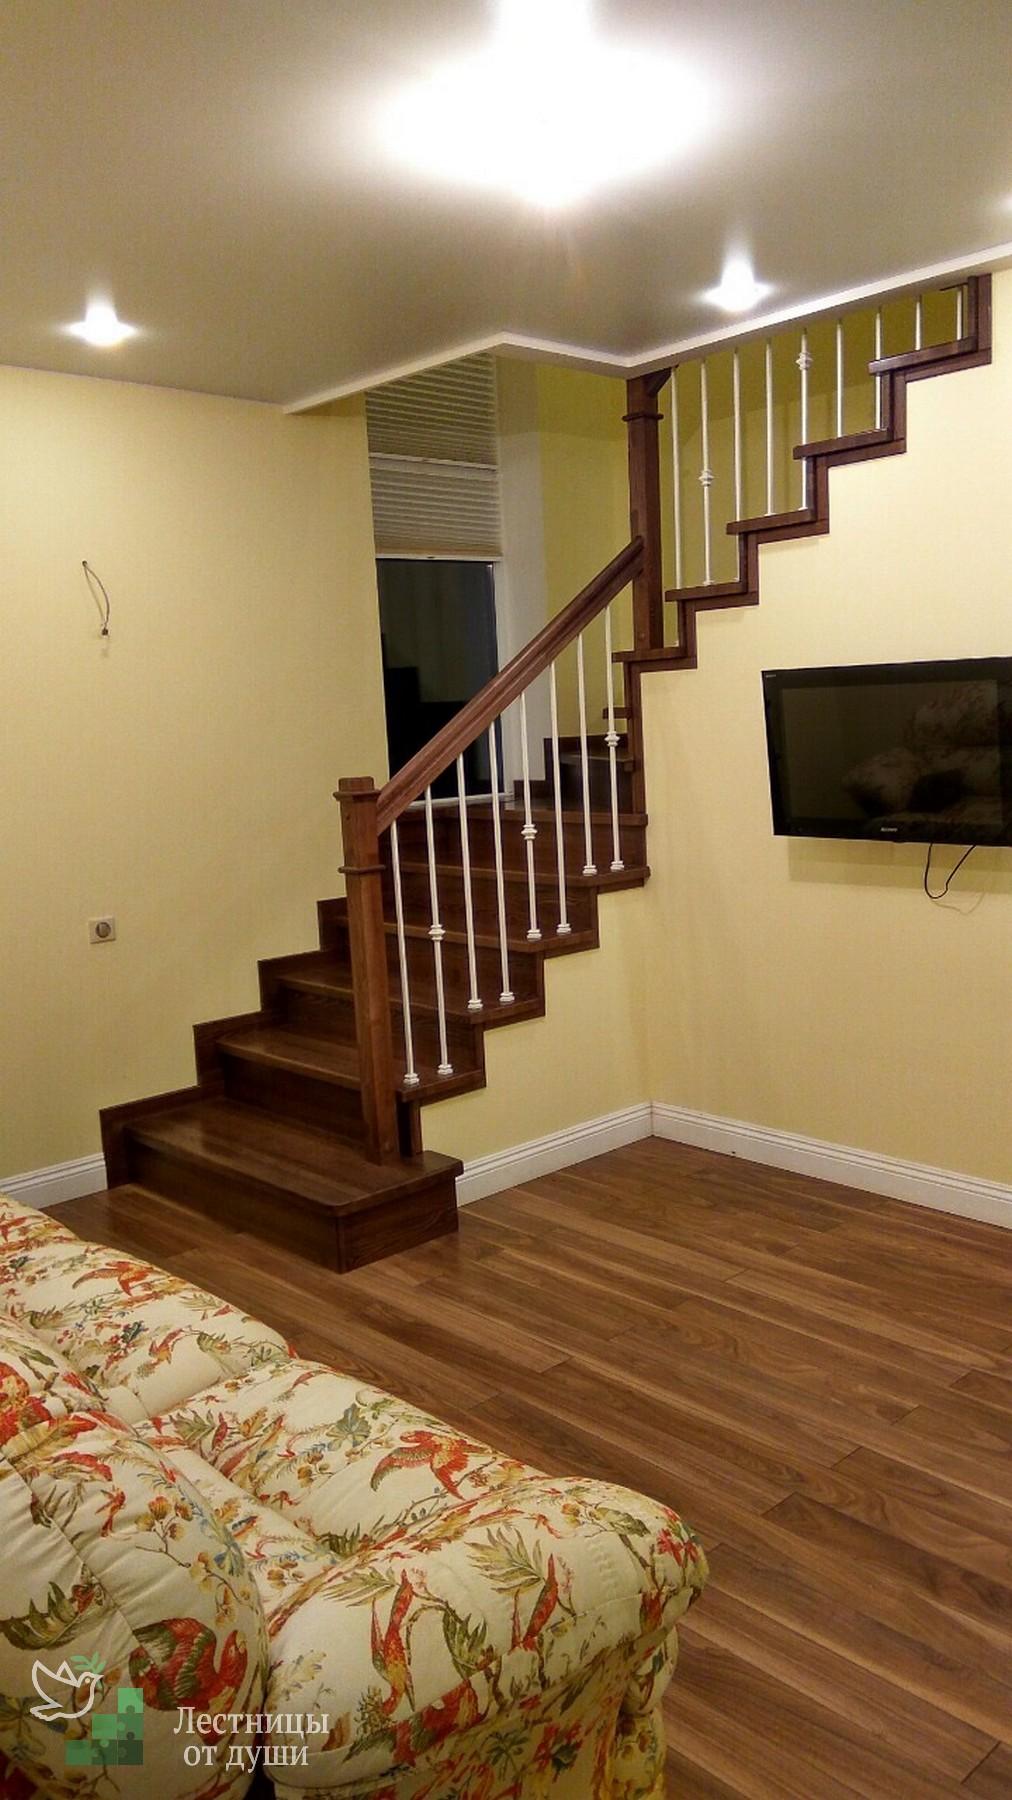 Деревянная лестница с коваными ограждениями